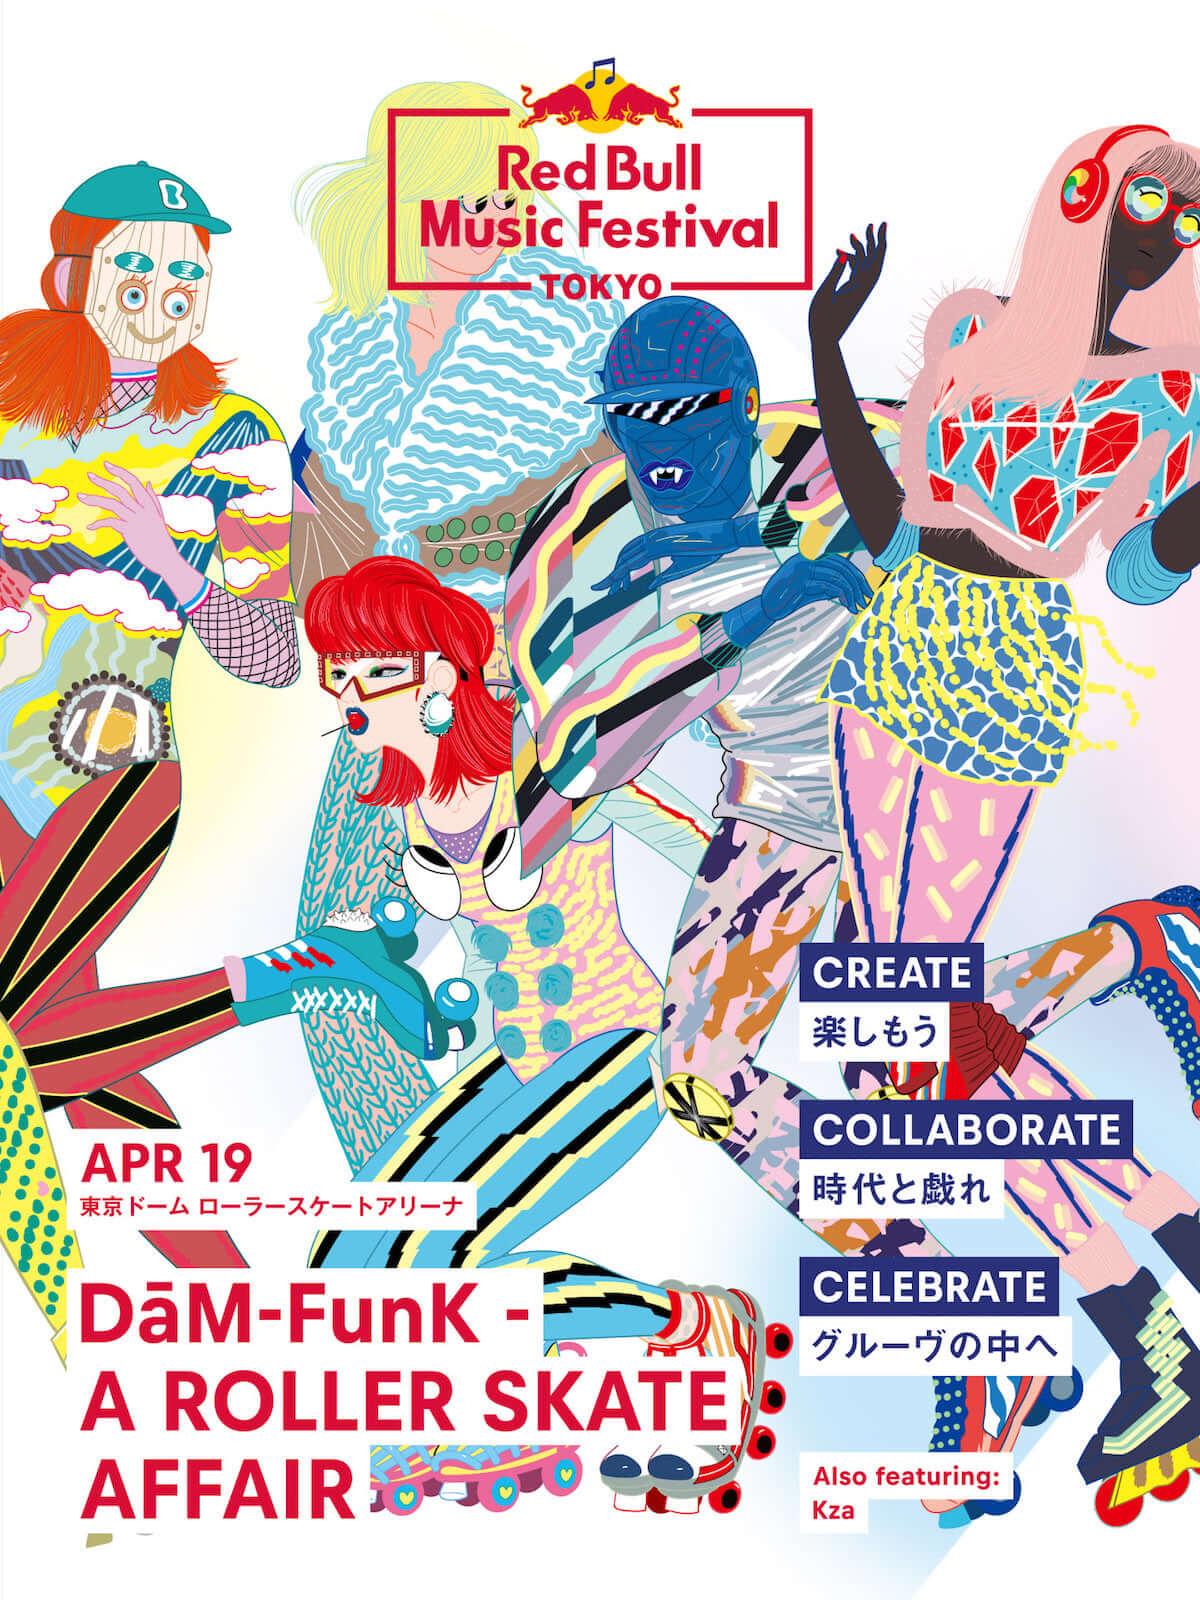 レッドブル主催 DāM-FunKとダンサーら祭りのプロとともにローラースケートを楽しむイベントが開催 music190329-redbull-a-roller-skate-affair-4-1200x1600